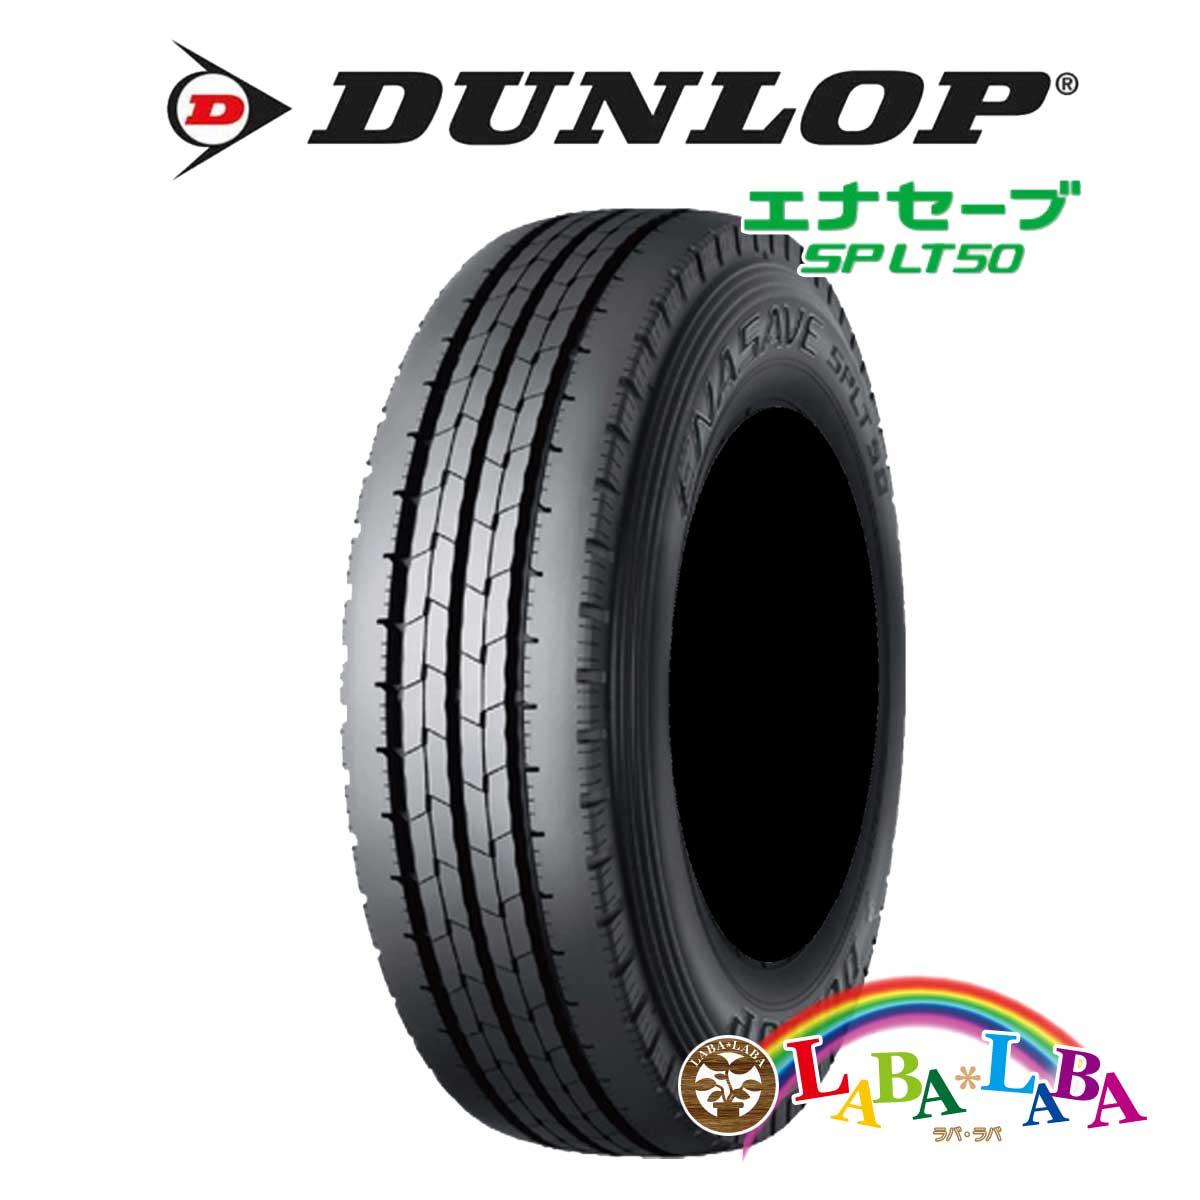 DUNLOP ダンロップ ENASAVE エナセーブ LT50 185/70R16 105/103N サマータイヤ LT バン 2本セット